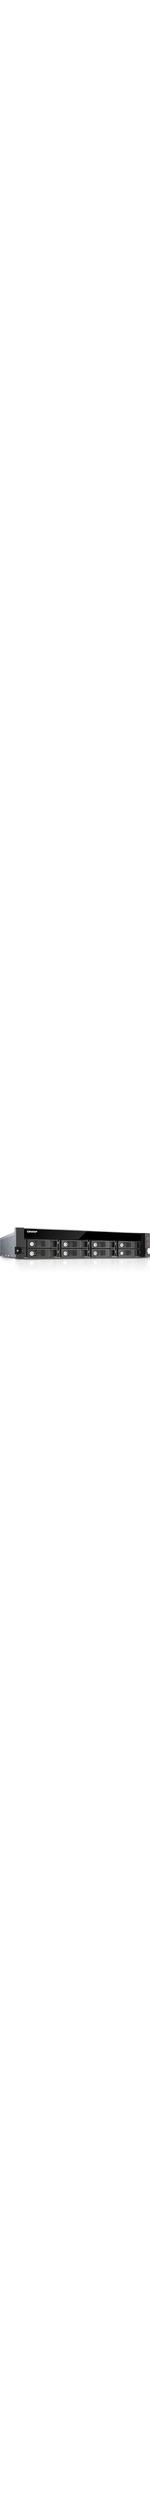 QNAP Turbo NAS TS-853U-RP 8 x Total Bays NAS Server - 2U - Rack-mountable - Intel Celeron Quad-core 4 Core 2 GHz - 24 TB HDD - 4 GB RAM DDR3L SDRAM - Serial ATA/60